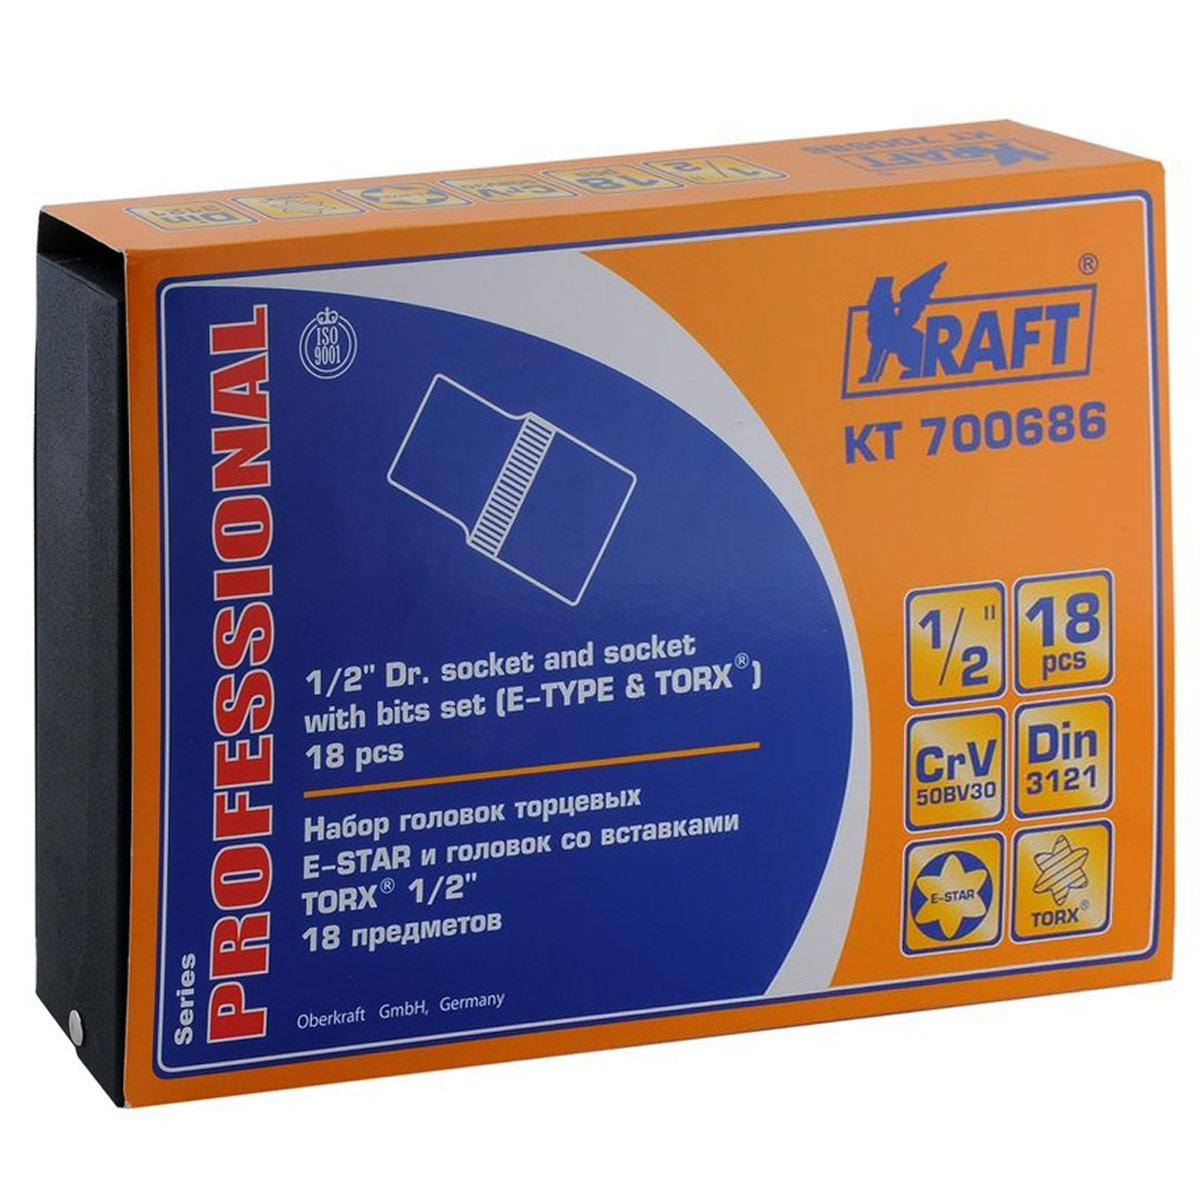 Набор торцевых головок Kraft Professional Е-star, со вставками Torx, 1/2, 18 предметовКТ700686В набор Kraft Professional входят торцевые головки с внутренним рабочим профилем Е-star, и внешним рабочим профилем Torx. Место для присоединительного квадрата 1/2.Состав набора: шестигранные торцевые головки E-Star 1/2: E10, E11, E12, E14, E16, E18, Е20, Е22, Е24; шестигранные торцевые головки Torx 1/2: Т20, T25, T30, T40, T45, T50, Т55, Т60, Т70. Торцевые головки Kraft Professional изготовлены из хромованадиевой стали марки 50BV30 со специальным трехслойным покрытием, обеспечивающим долговременную защиту от механических повреждений.